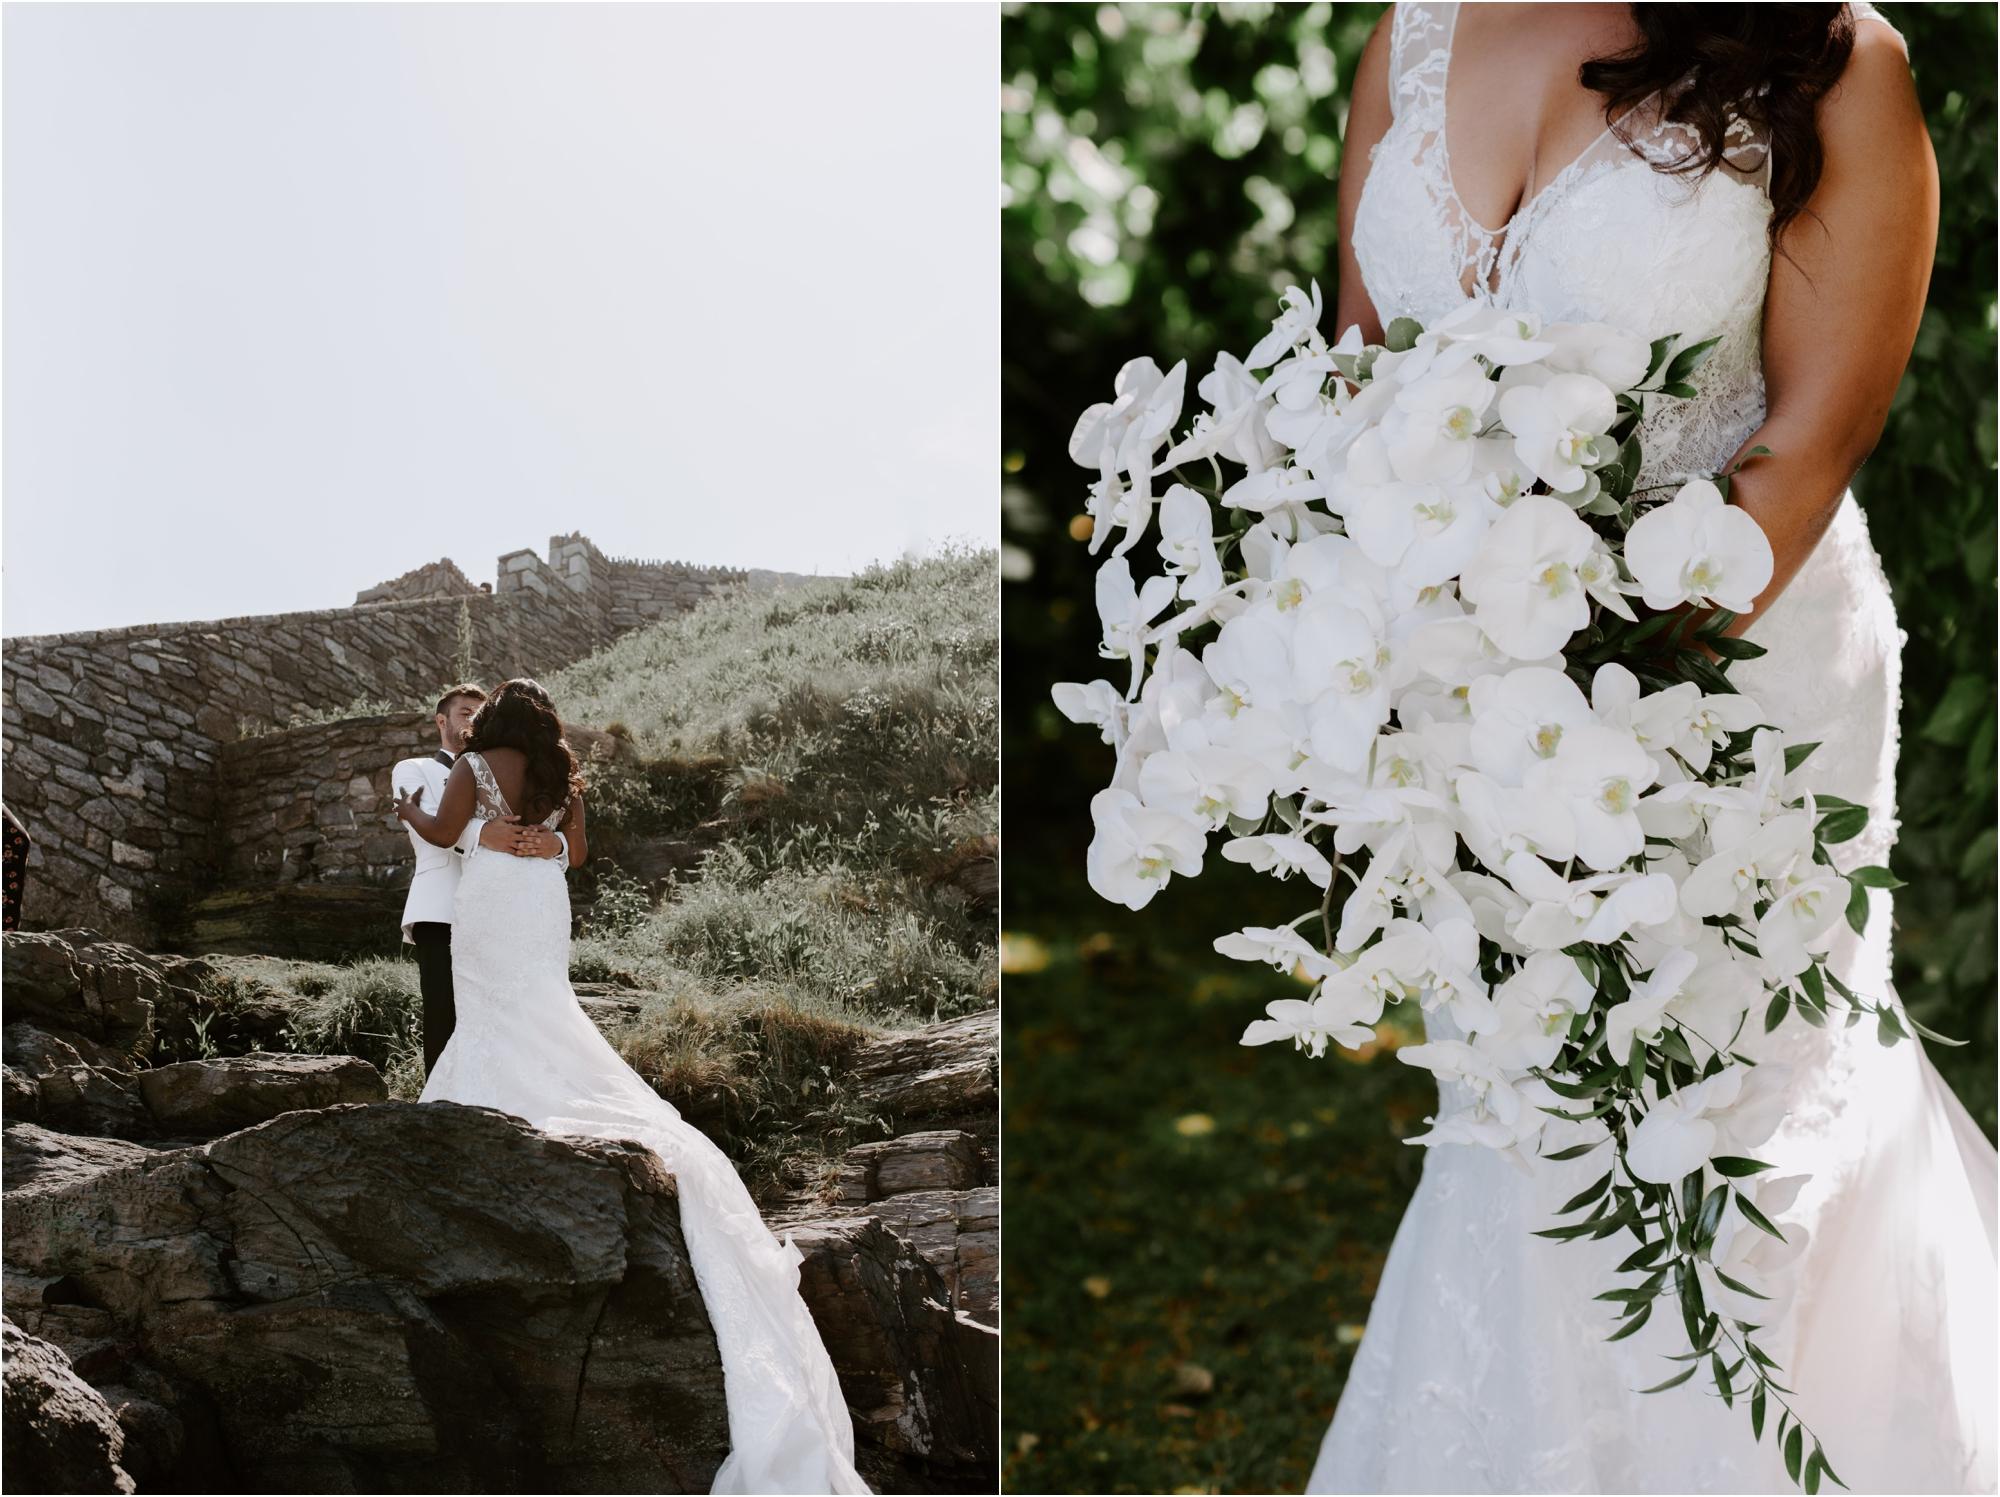 JANELLEANDJULIAN-wedding-madelinerosephotographyco_0014.jpg